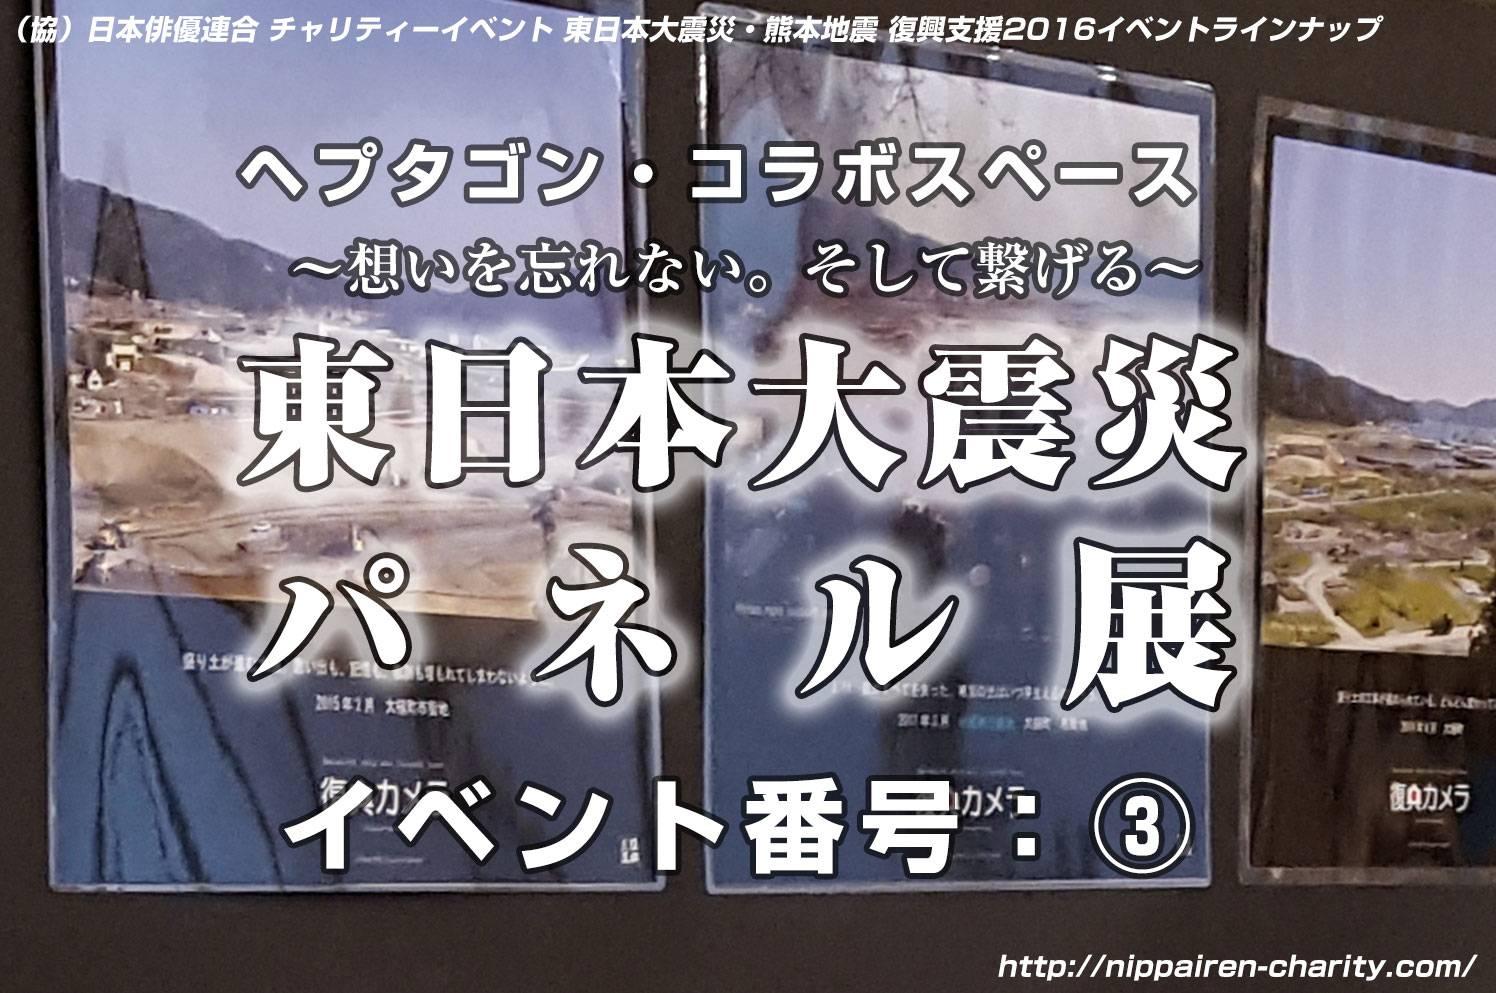 ~想いを忘れない。そして繋げる~『東日本大震災パネル展』